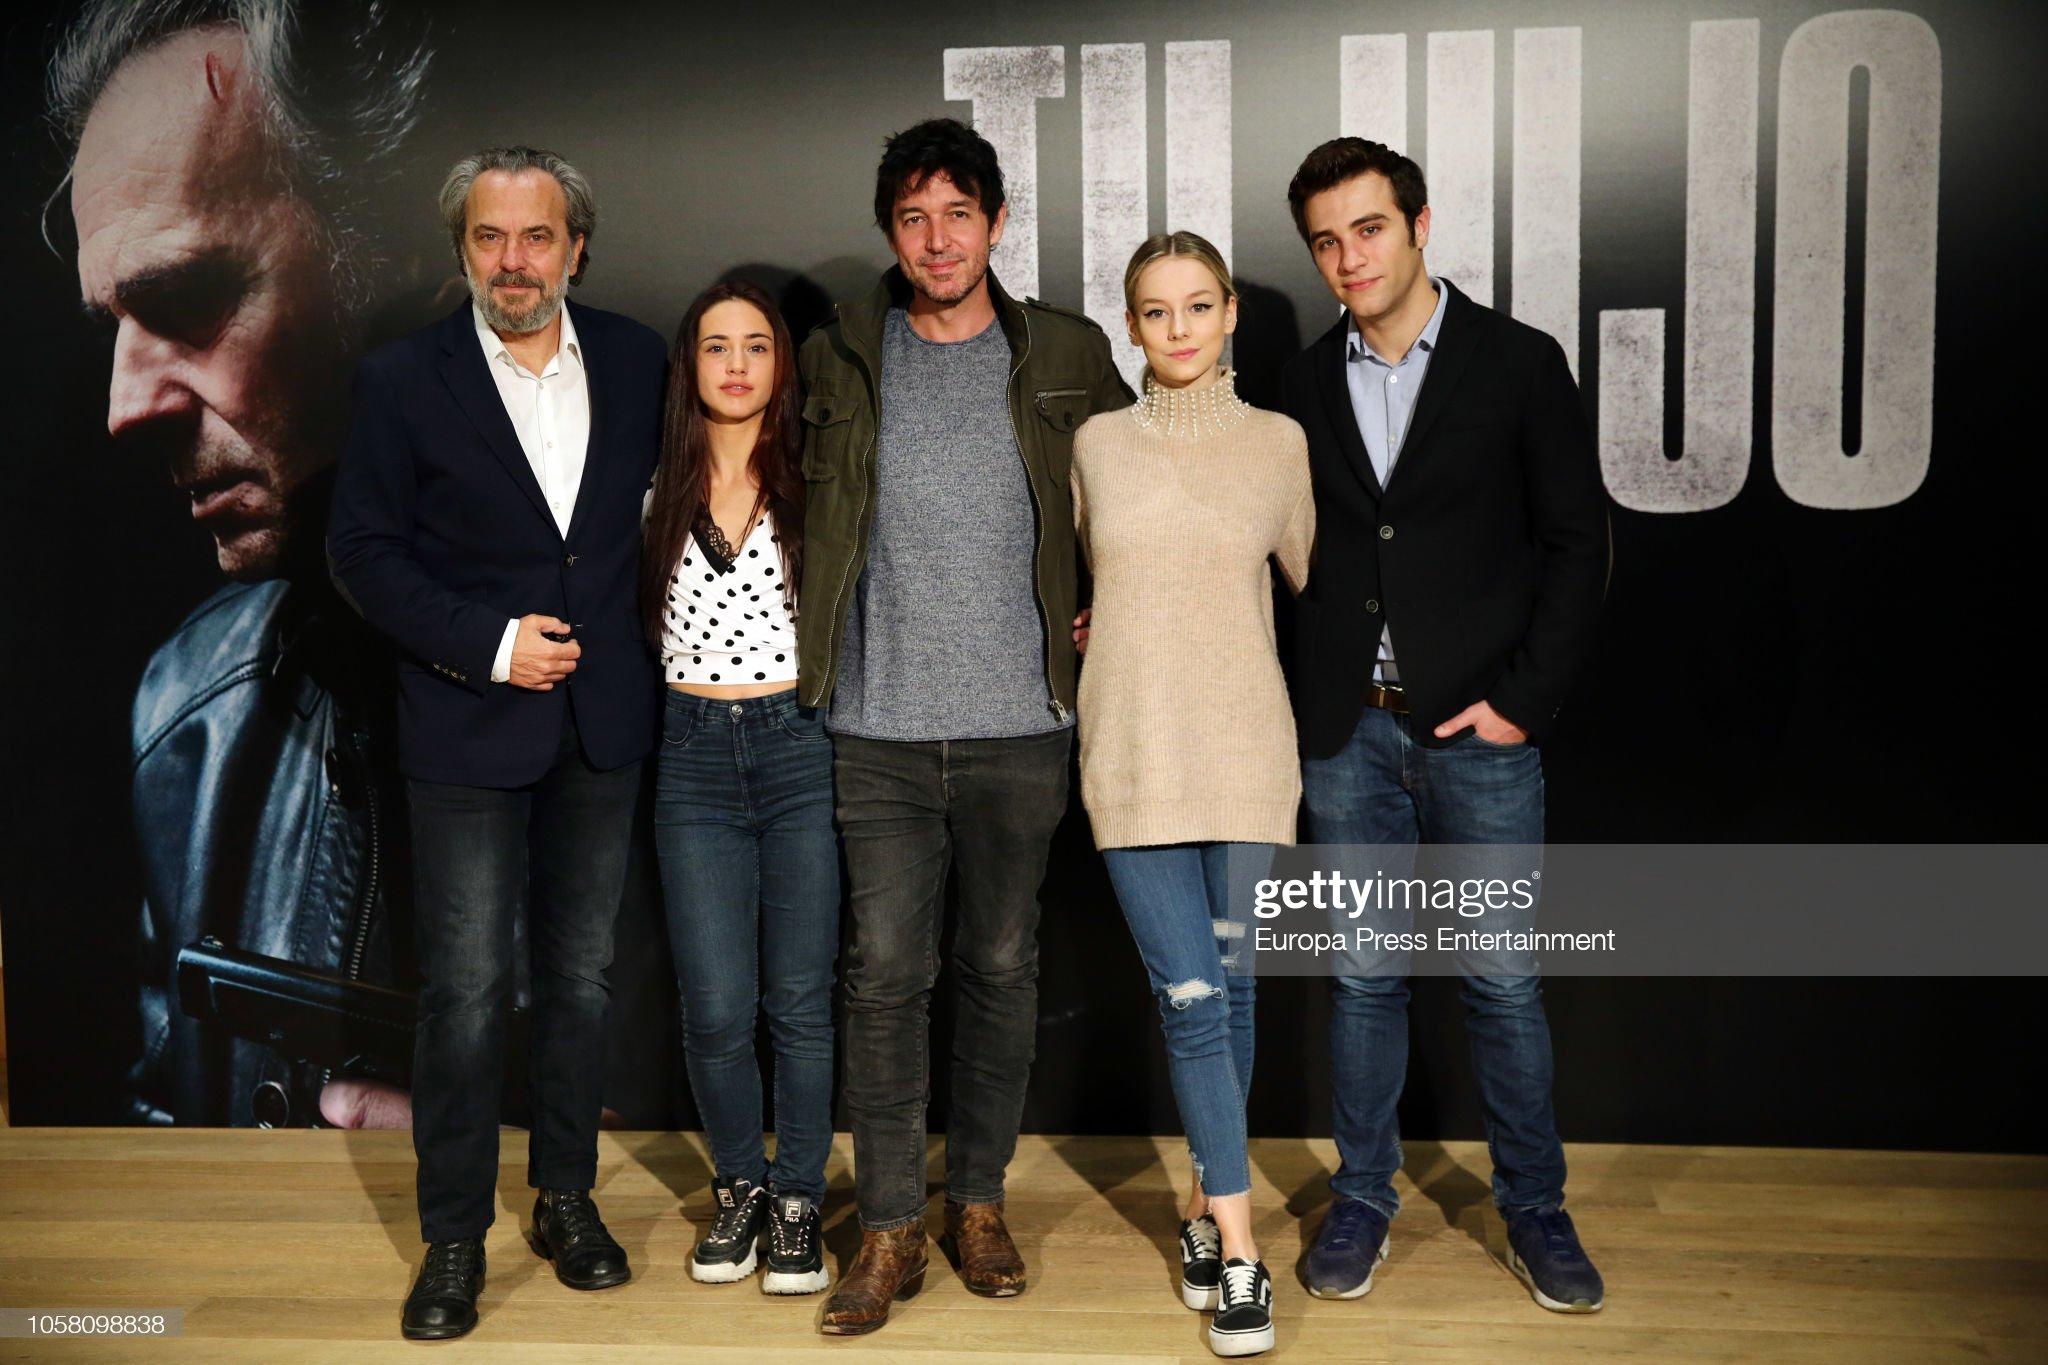 ¿Cuánto mide Ester Expósito? - Altura - Real height Actor-jose-coronado-actress-asia-ortega-director-miguel-angel-vivas-picture-id1058098838?s=2048x2048